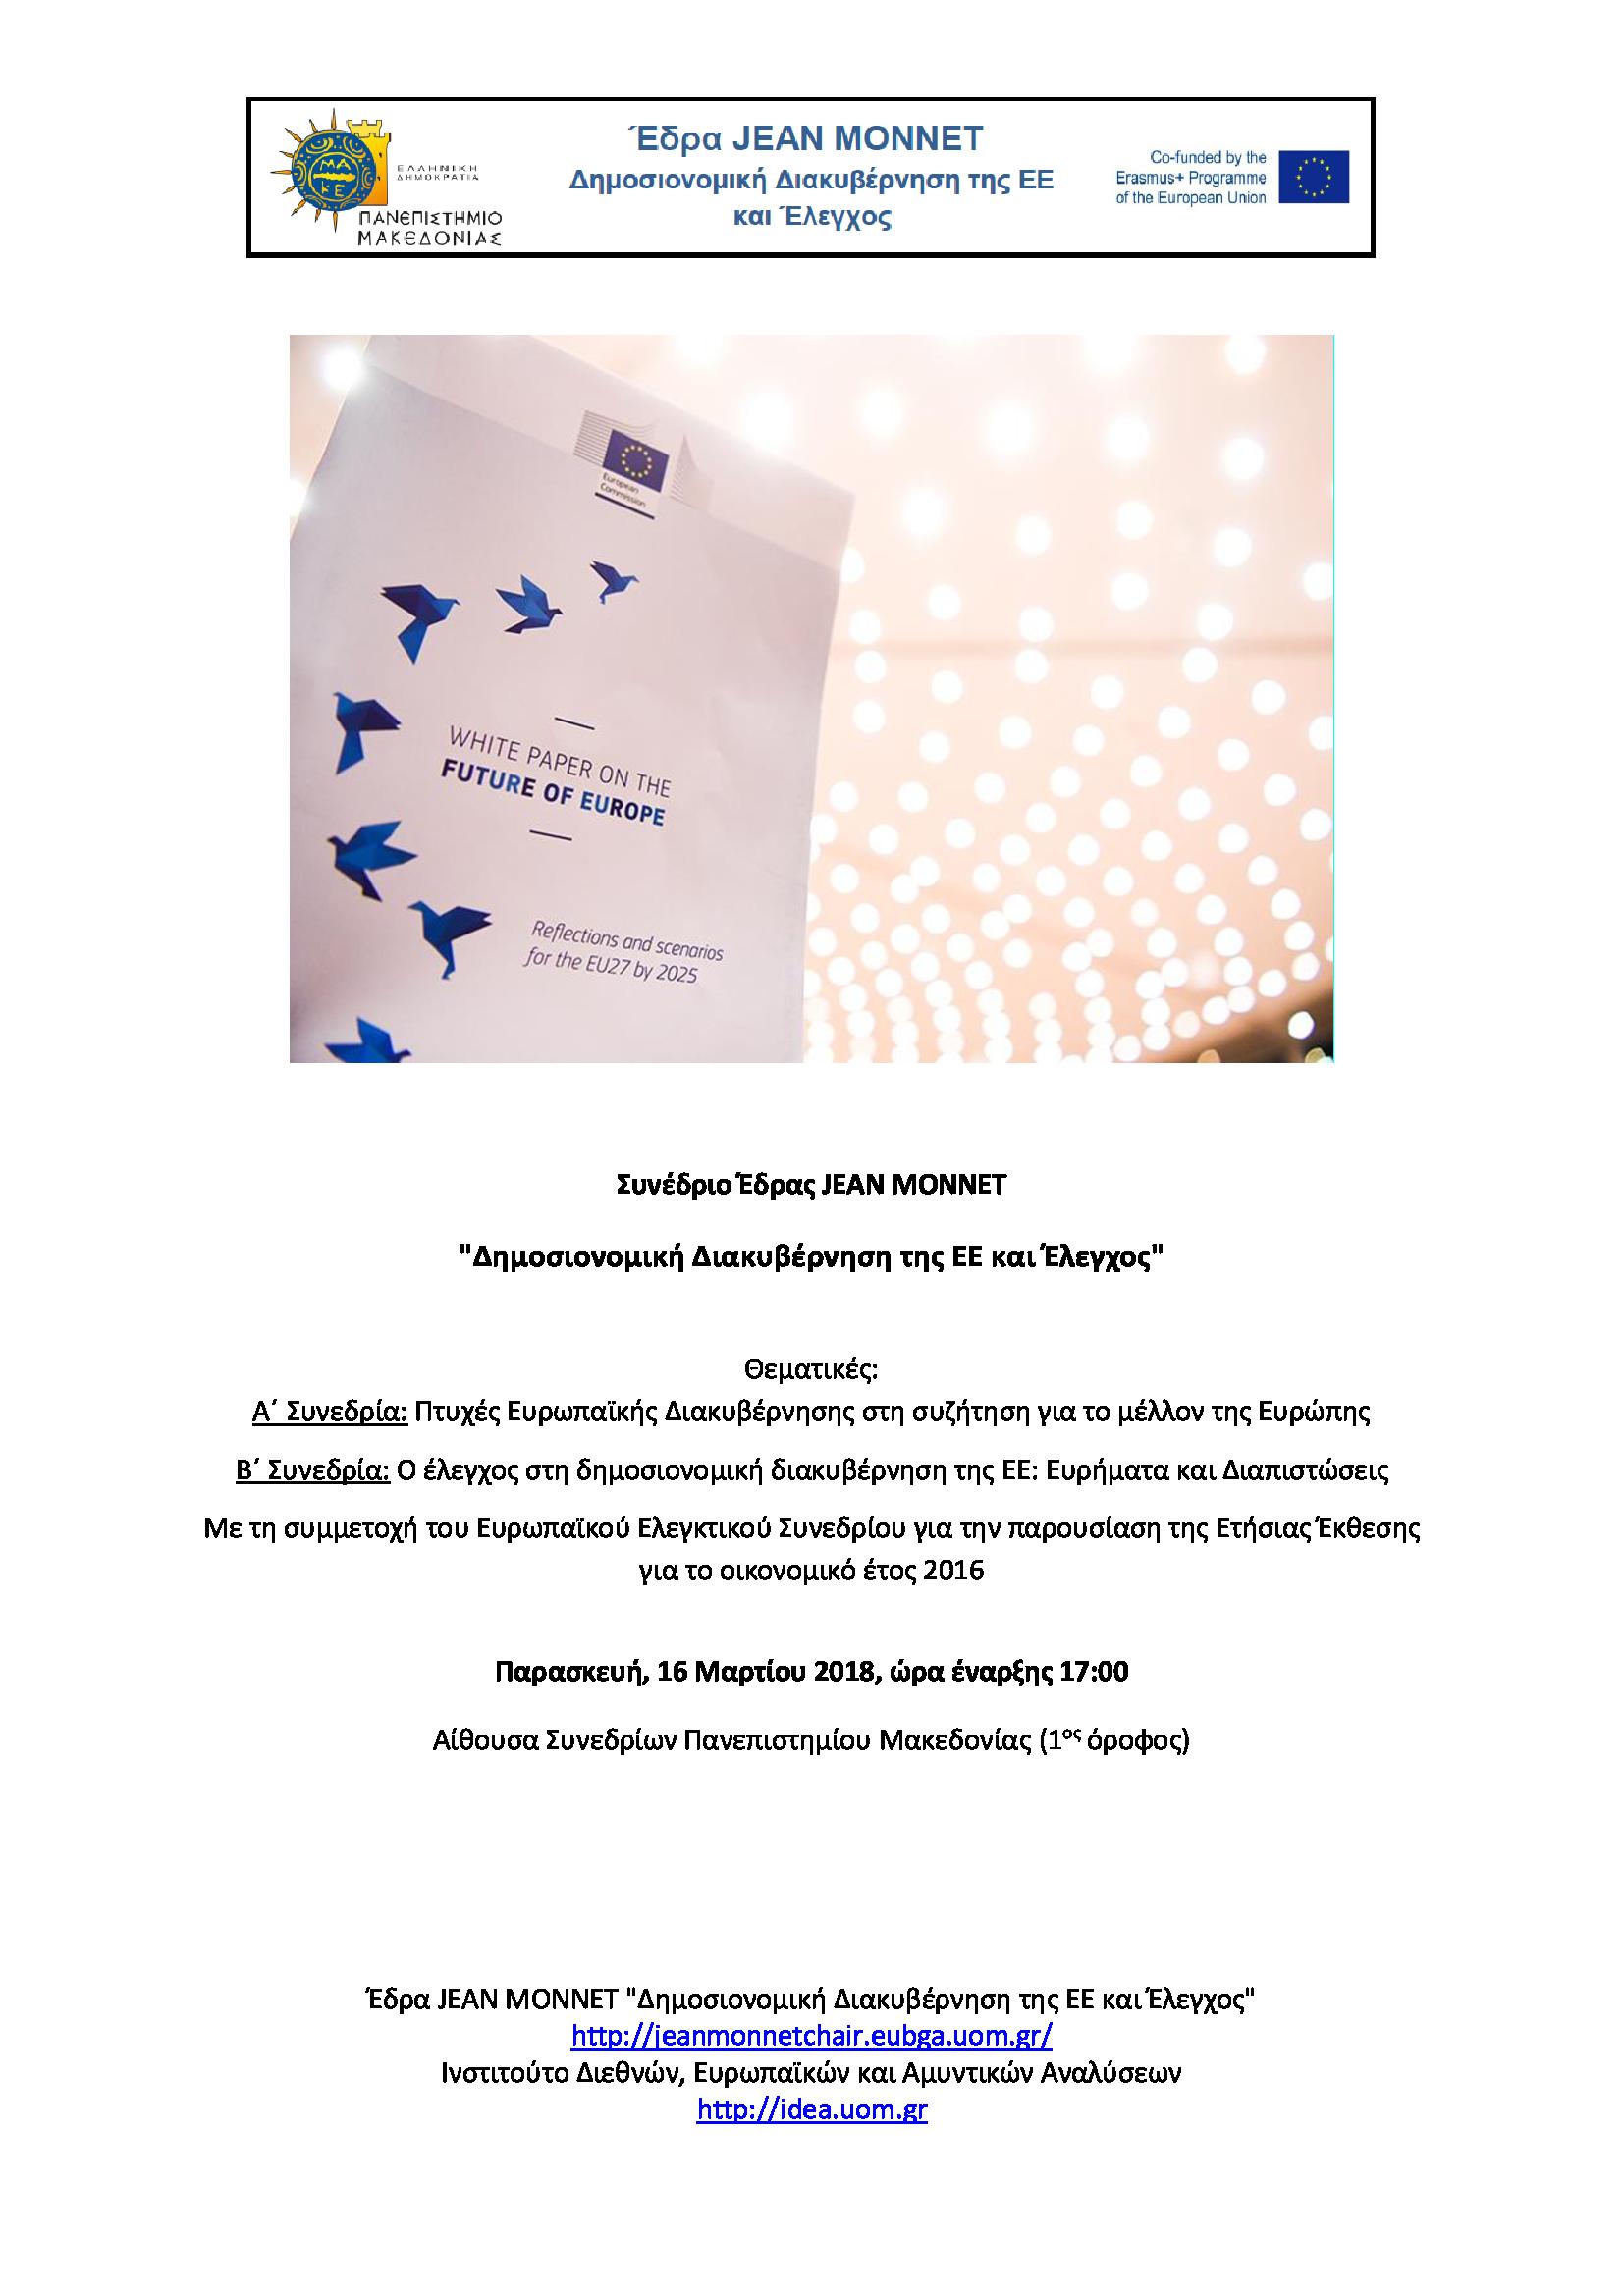 Συνέδριο-Έδρας-Jean-Monnet-Δημοσιονομική-Διακυβέρνηση-